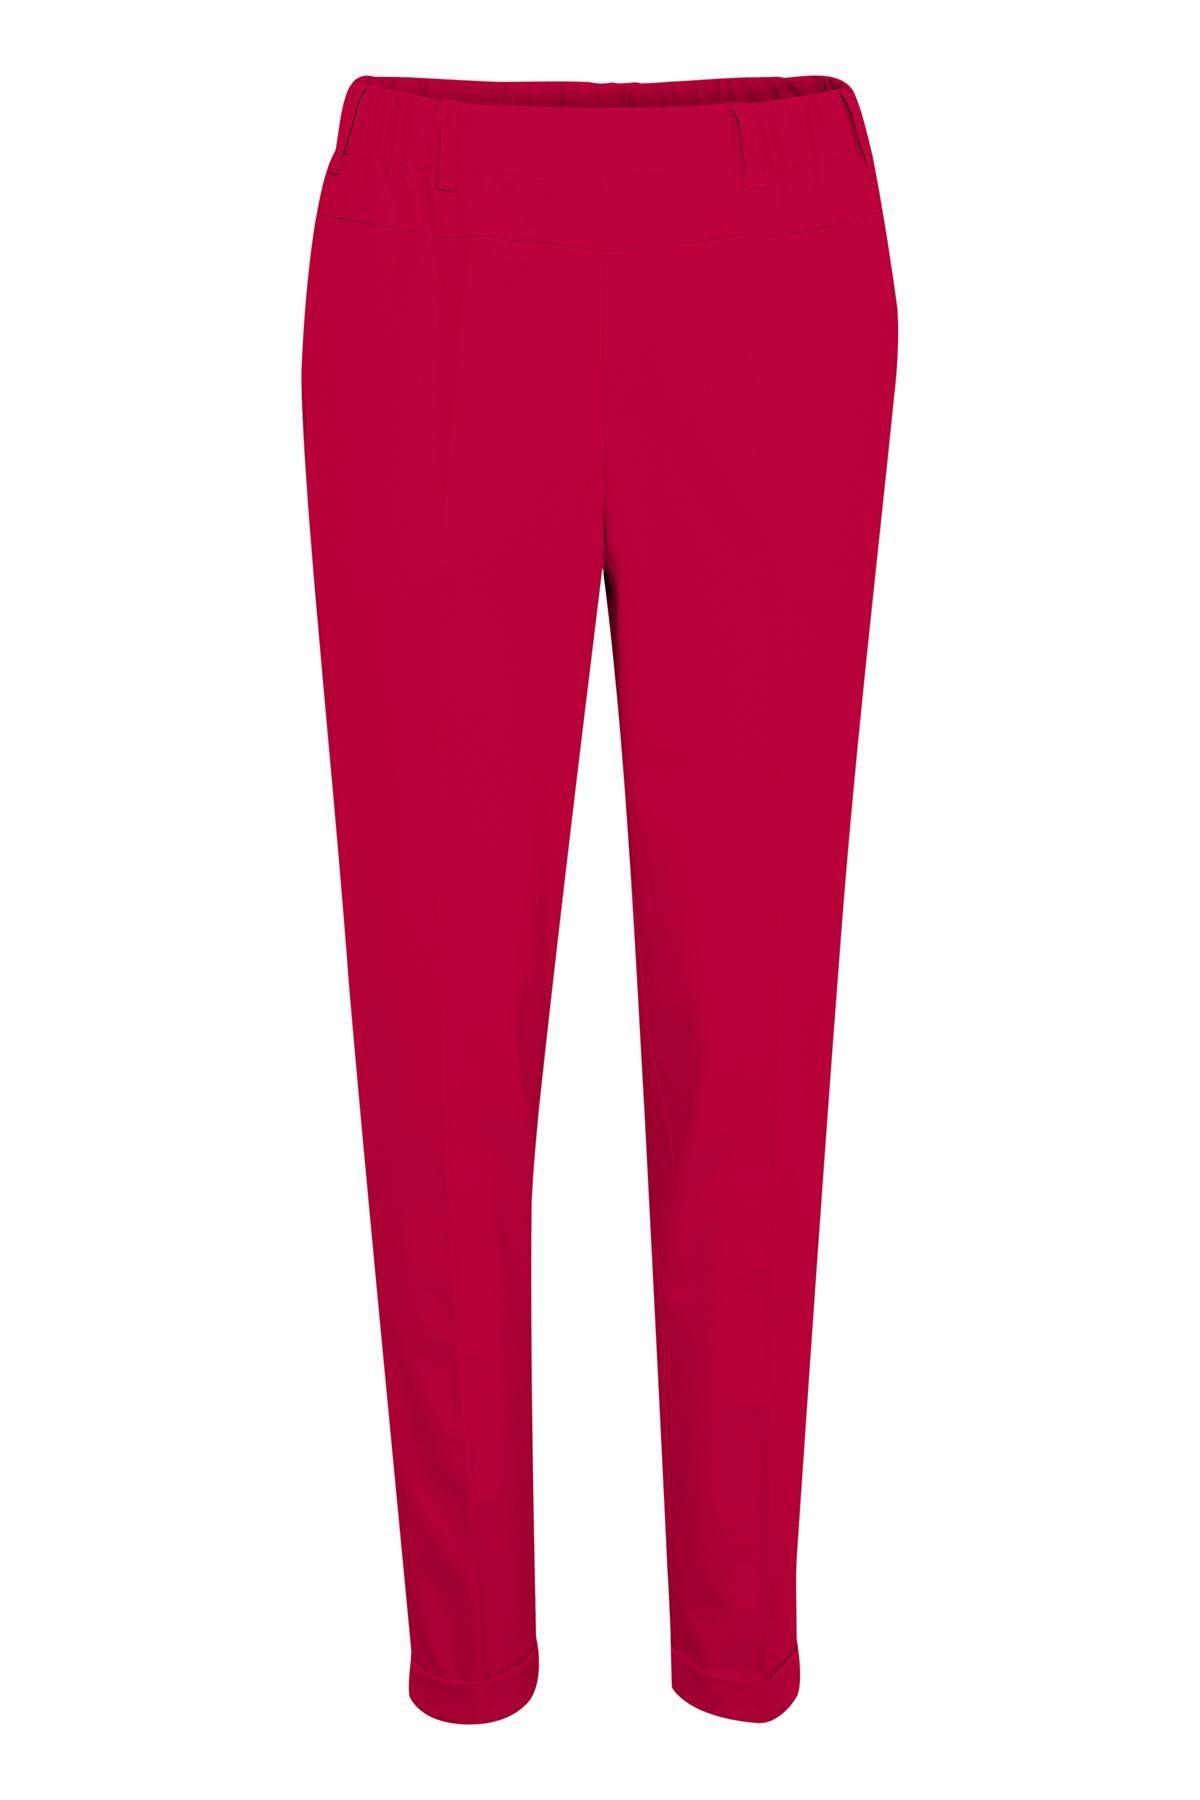 Röd Byxor från Kaffe – Köp Röd Byxor från stl. 32-46 här